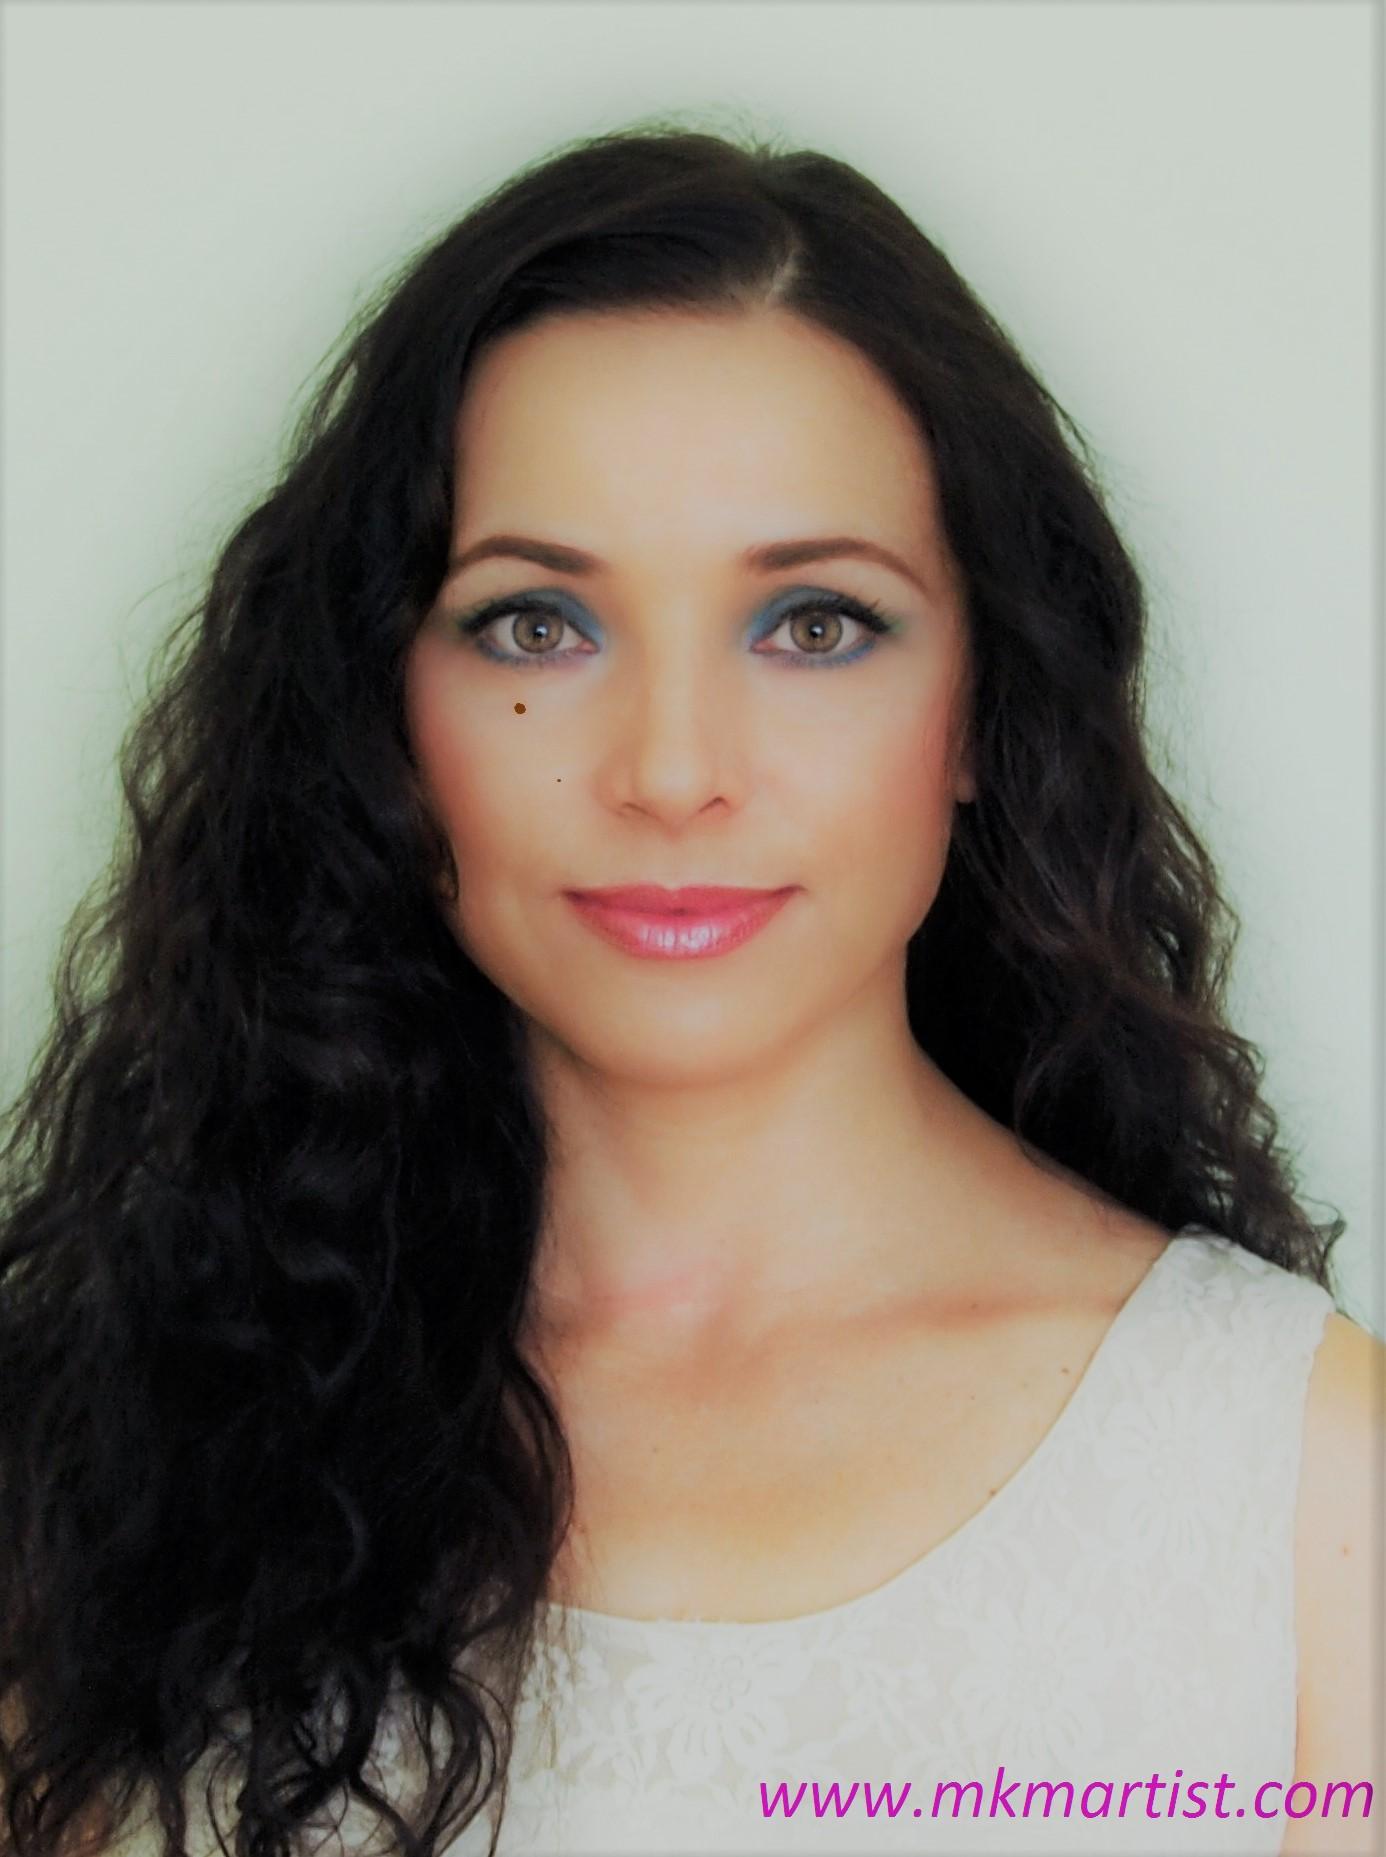 MKM autorky - M. K. M. Čapkovičová